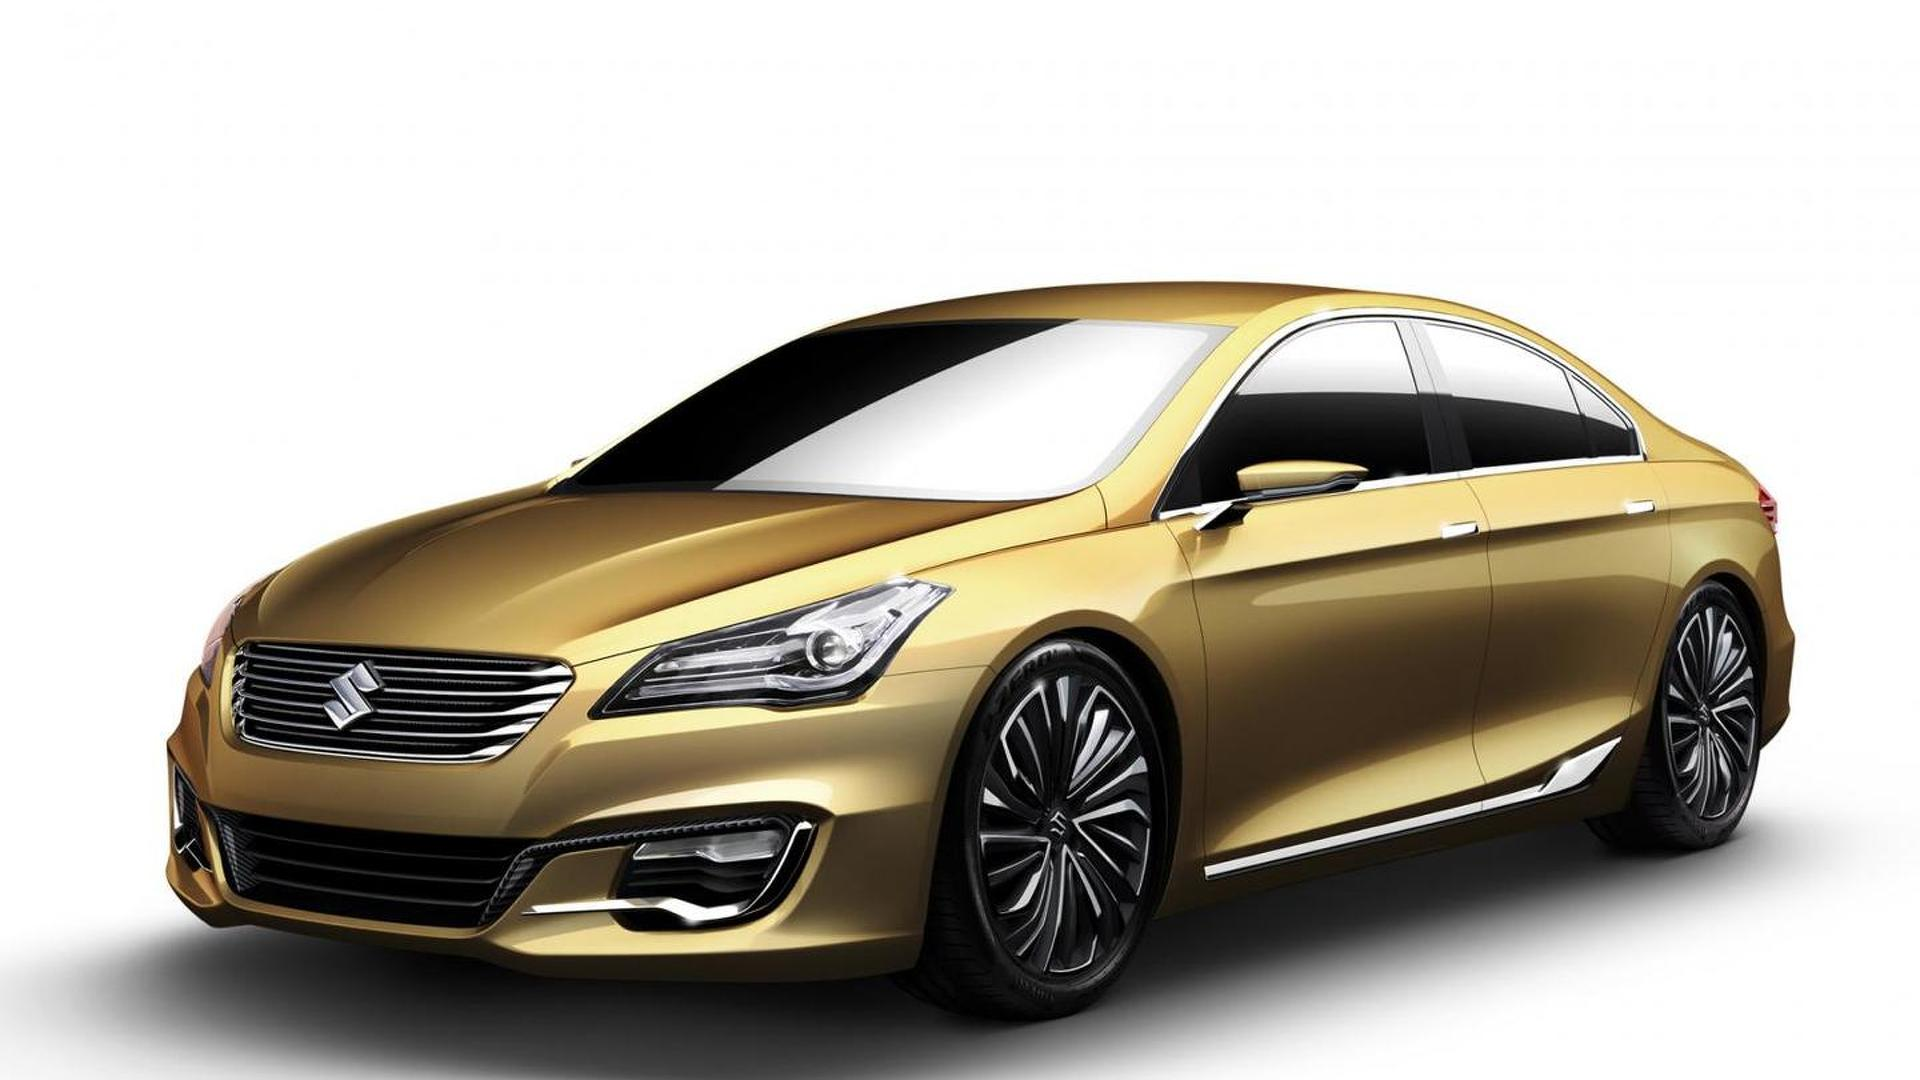 Suzuki brings Authentics Concept to 2013 Auto Shanghai [video]